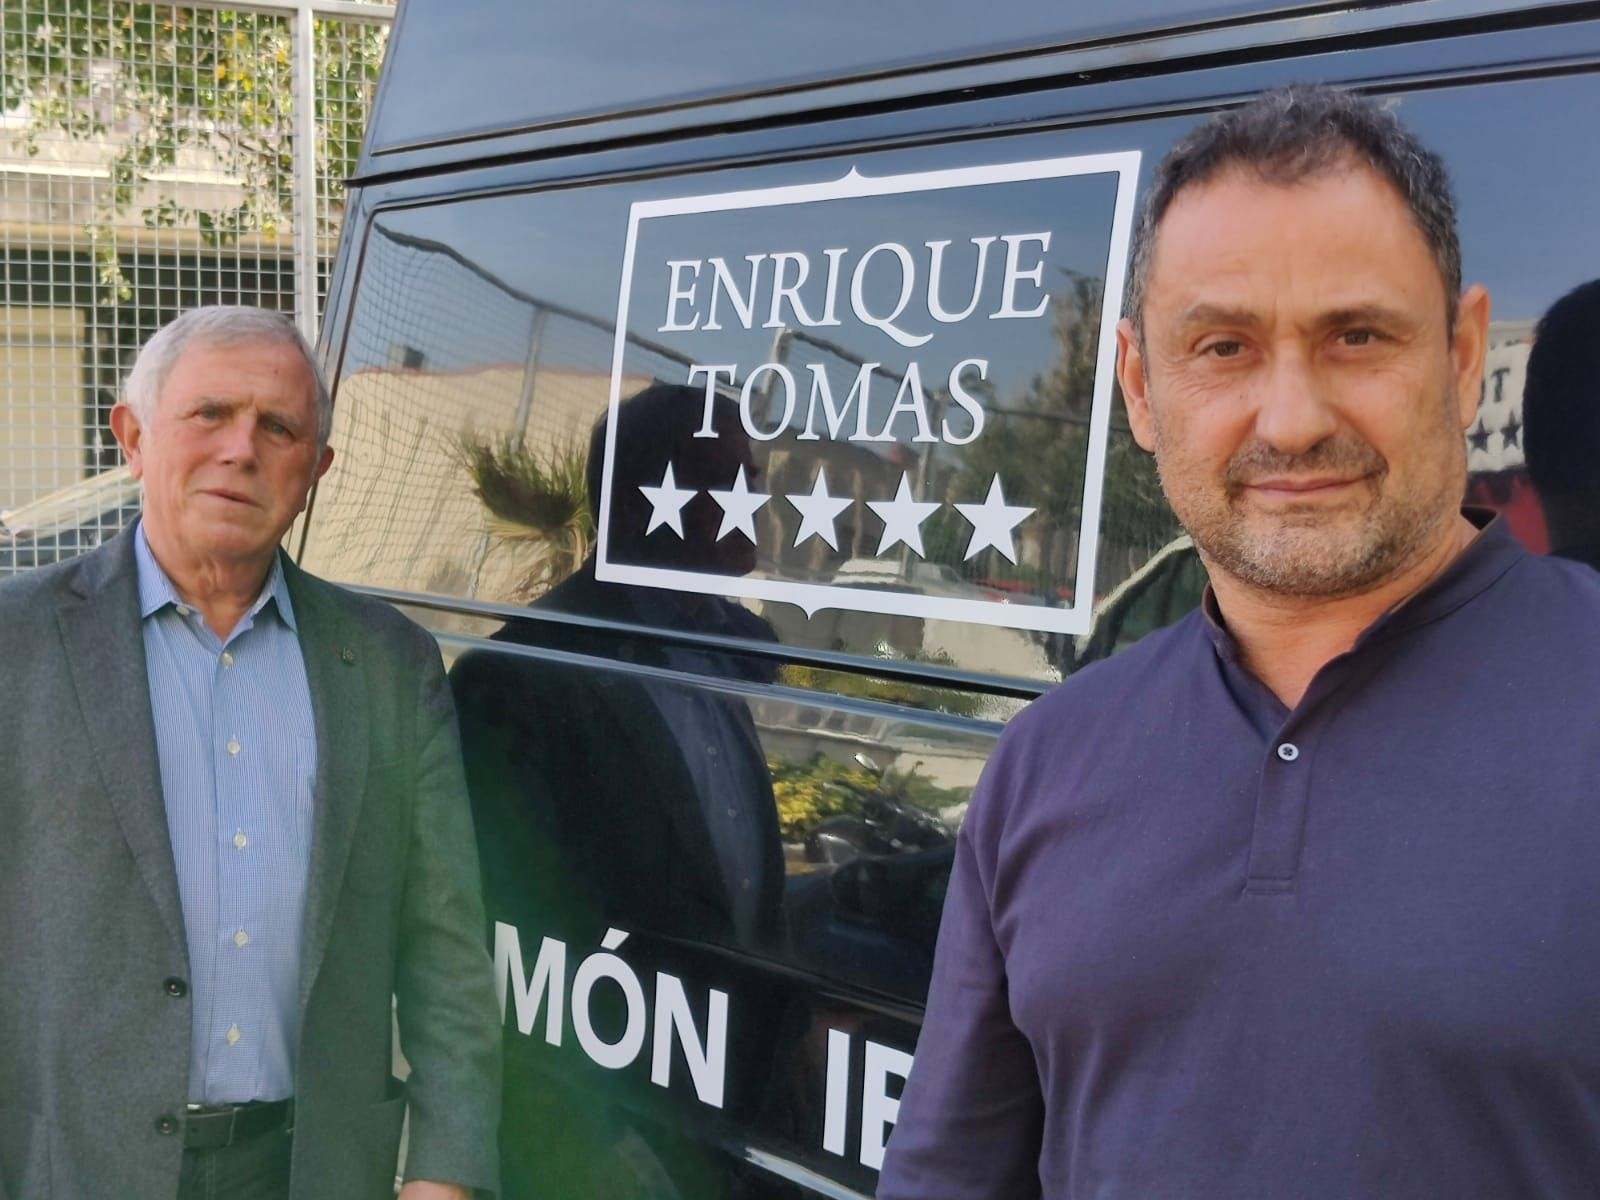 Enrique Tomas SL